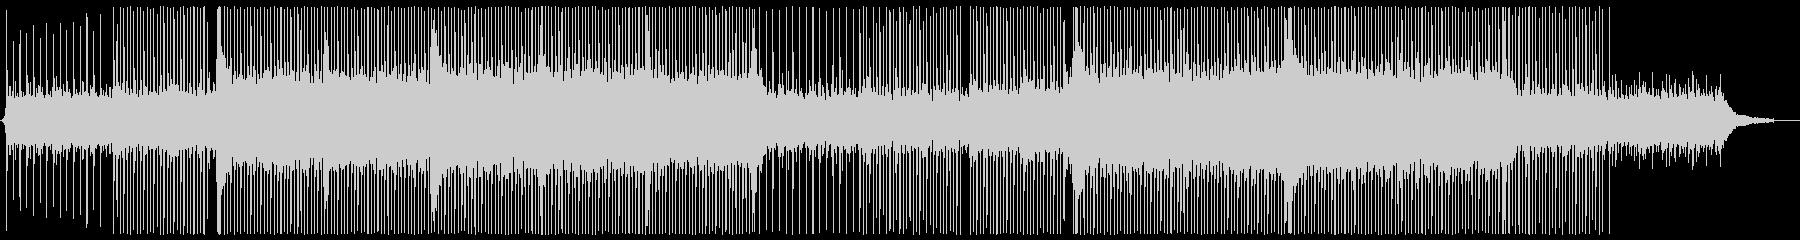 【メロ抜き】アコースティックなコンセプトの未再生の波形